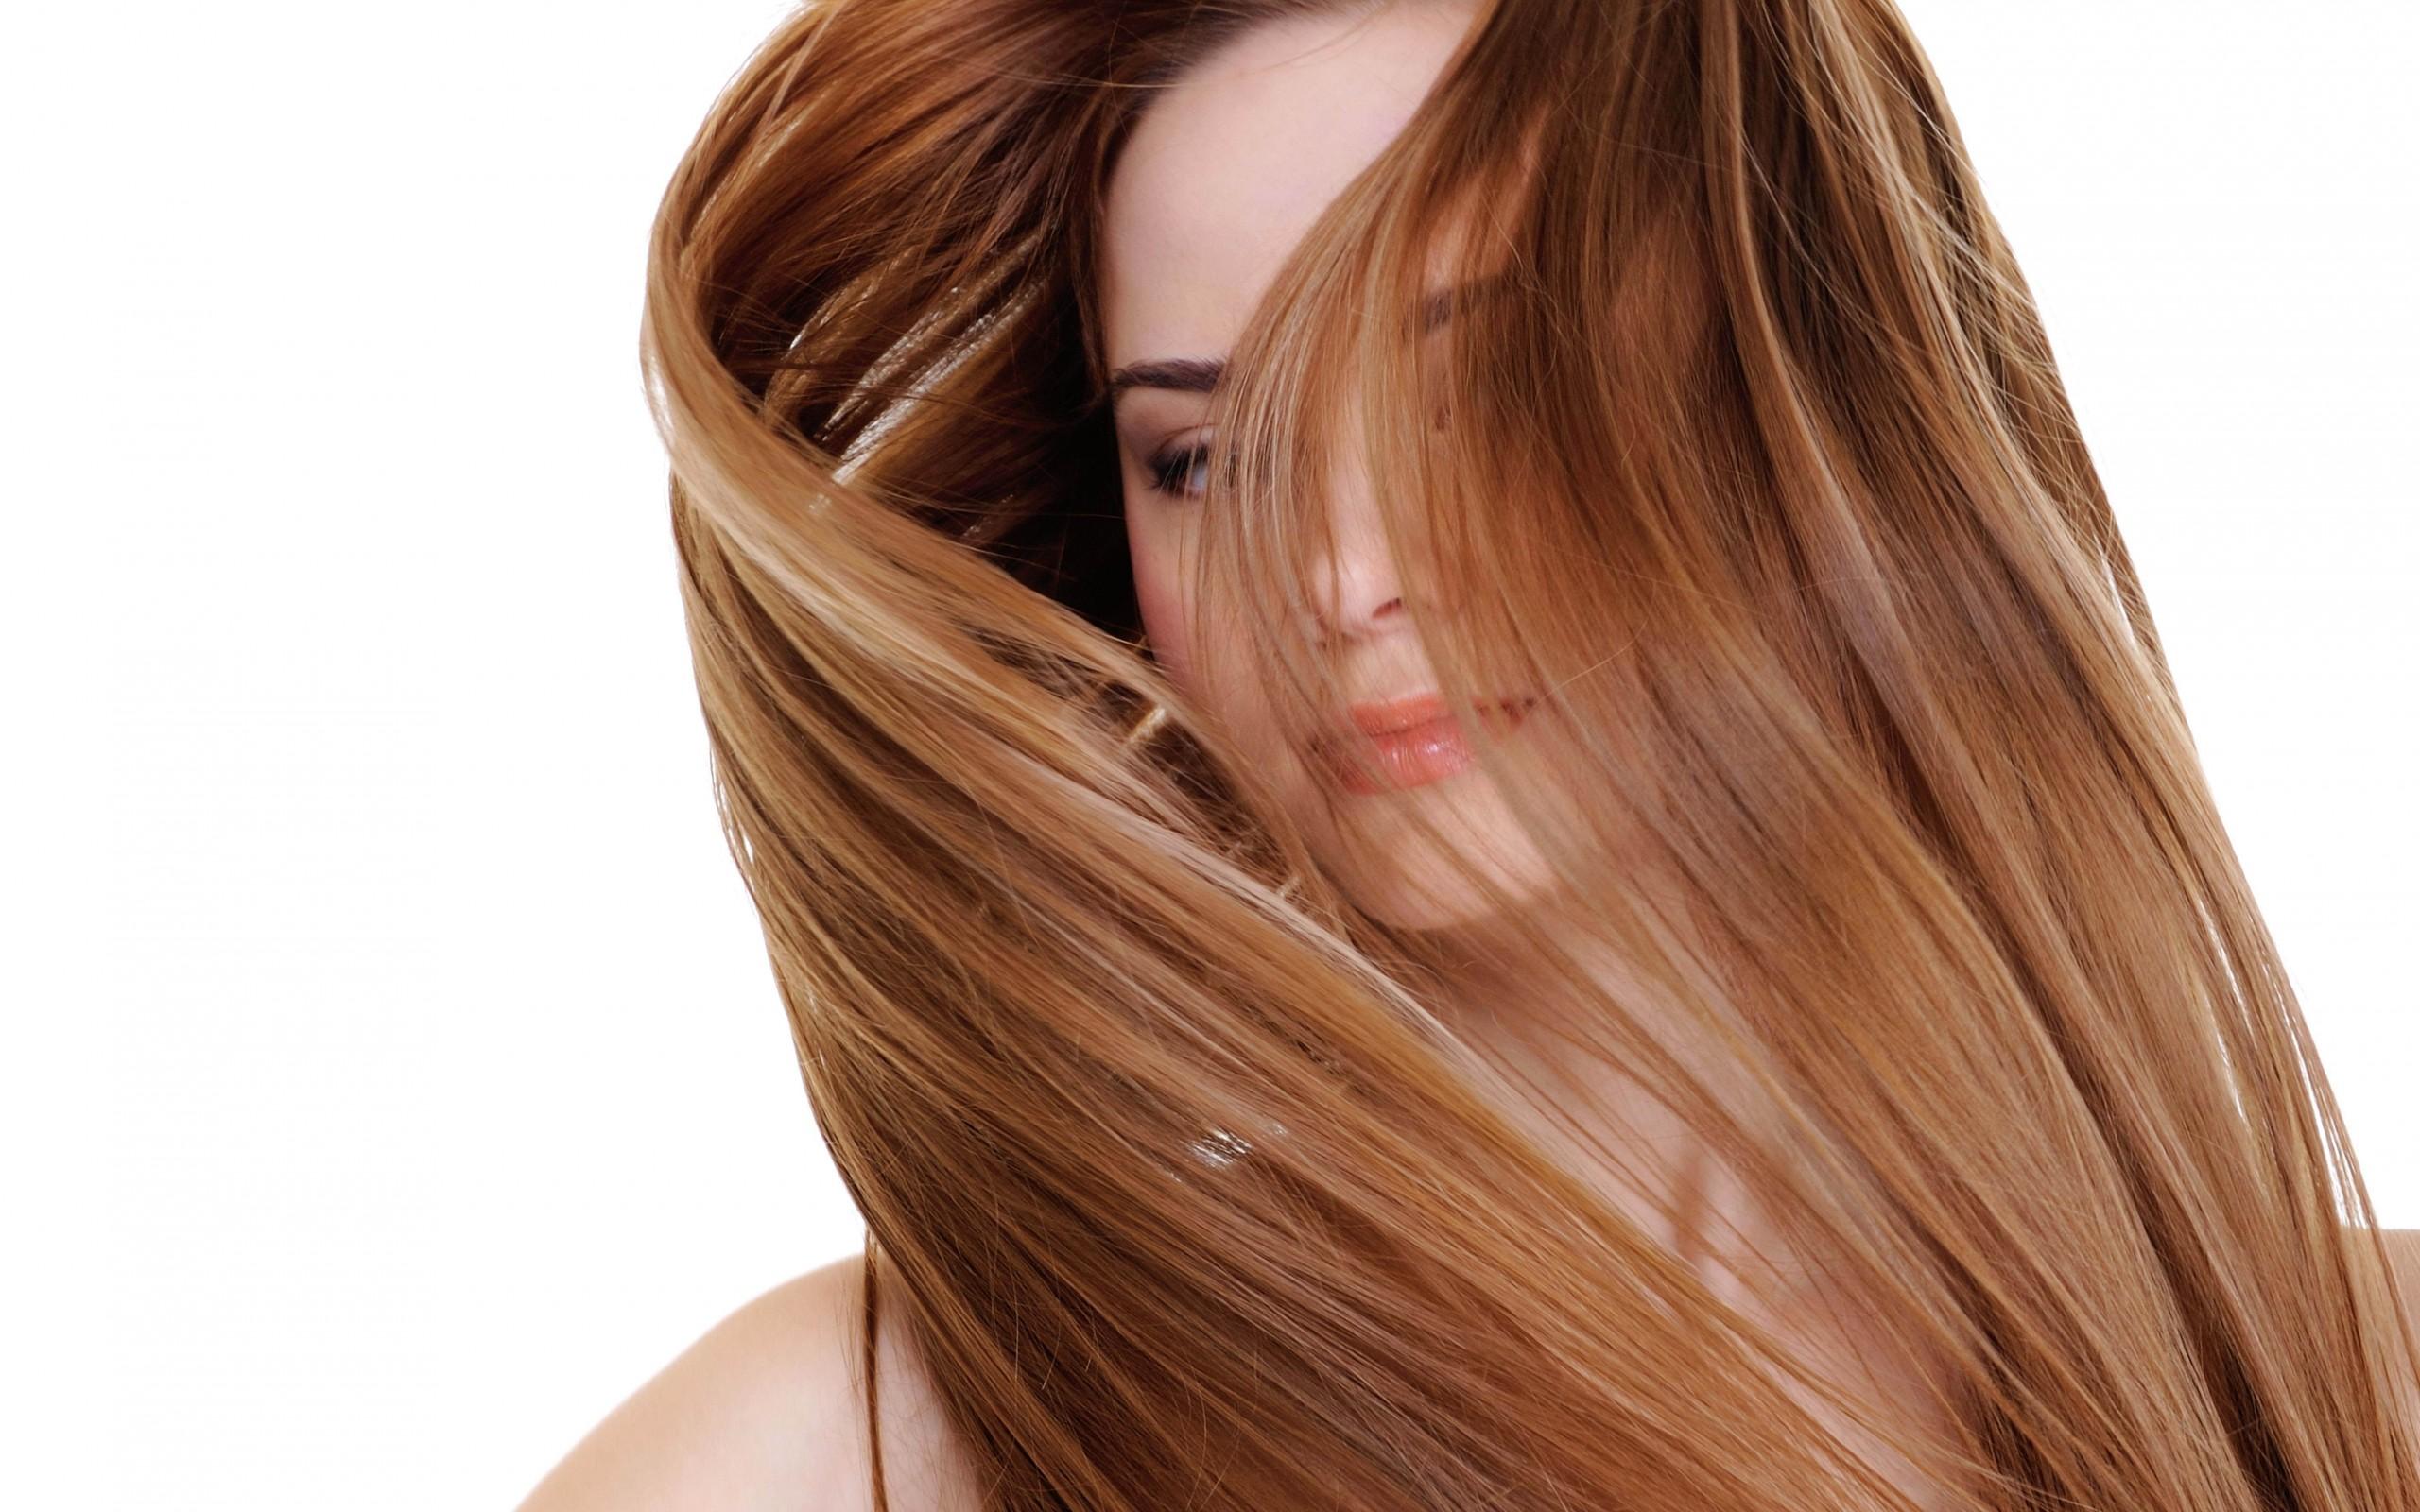 Плюсы и минусы капсульного наращивания волос: вредно ли наращивать волосы с помощью капсул и портятся ли они после наращивания?